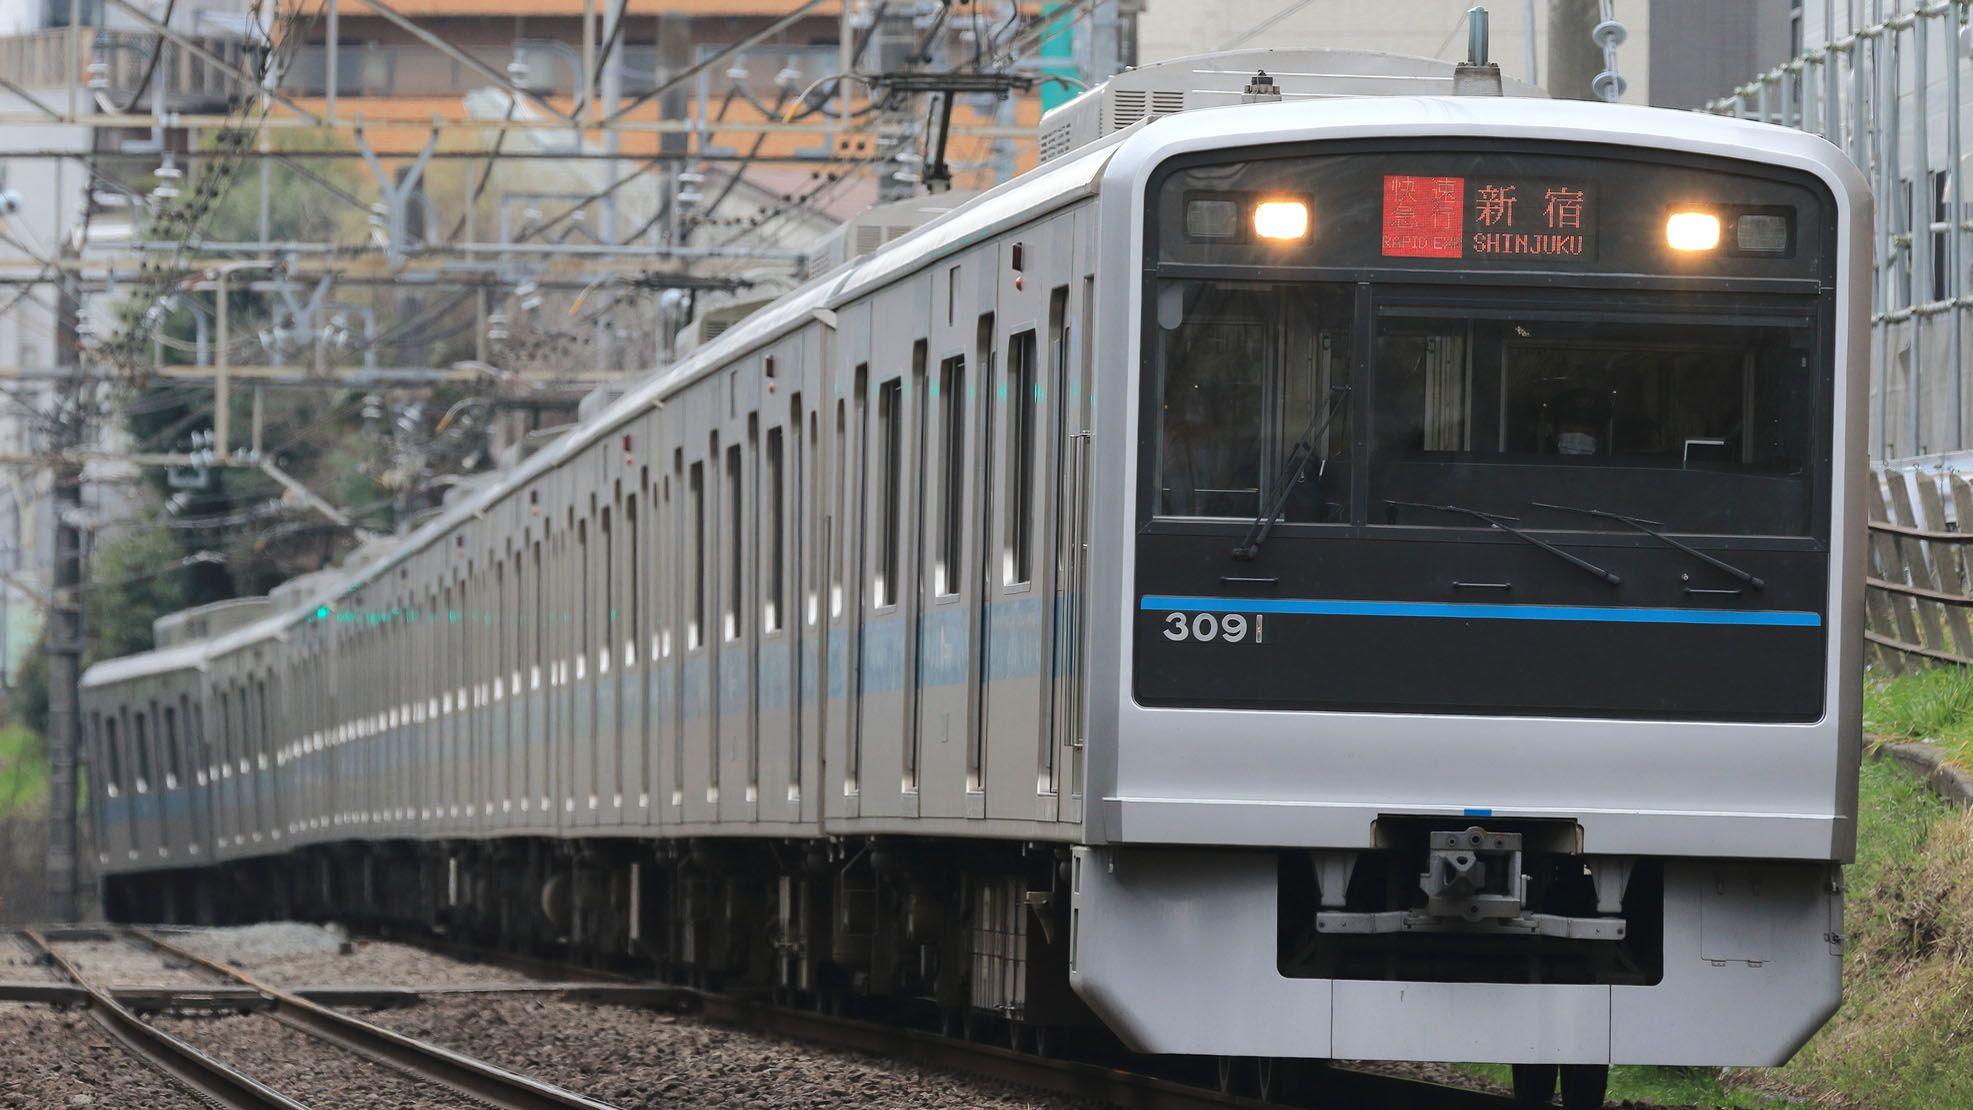 小田急の新ダイヤ、「複々線効果」は道半ば | 通勤電車 | 東洋 ...